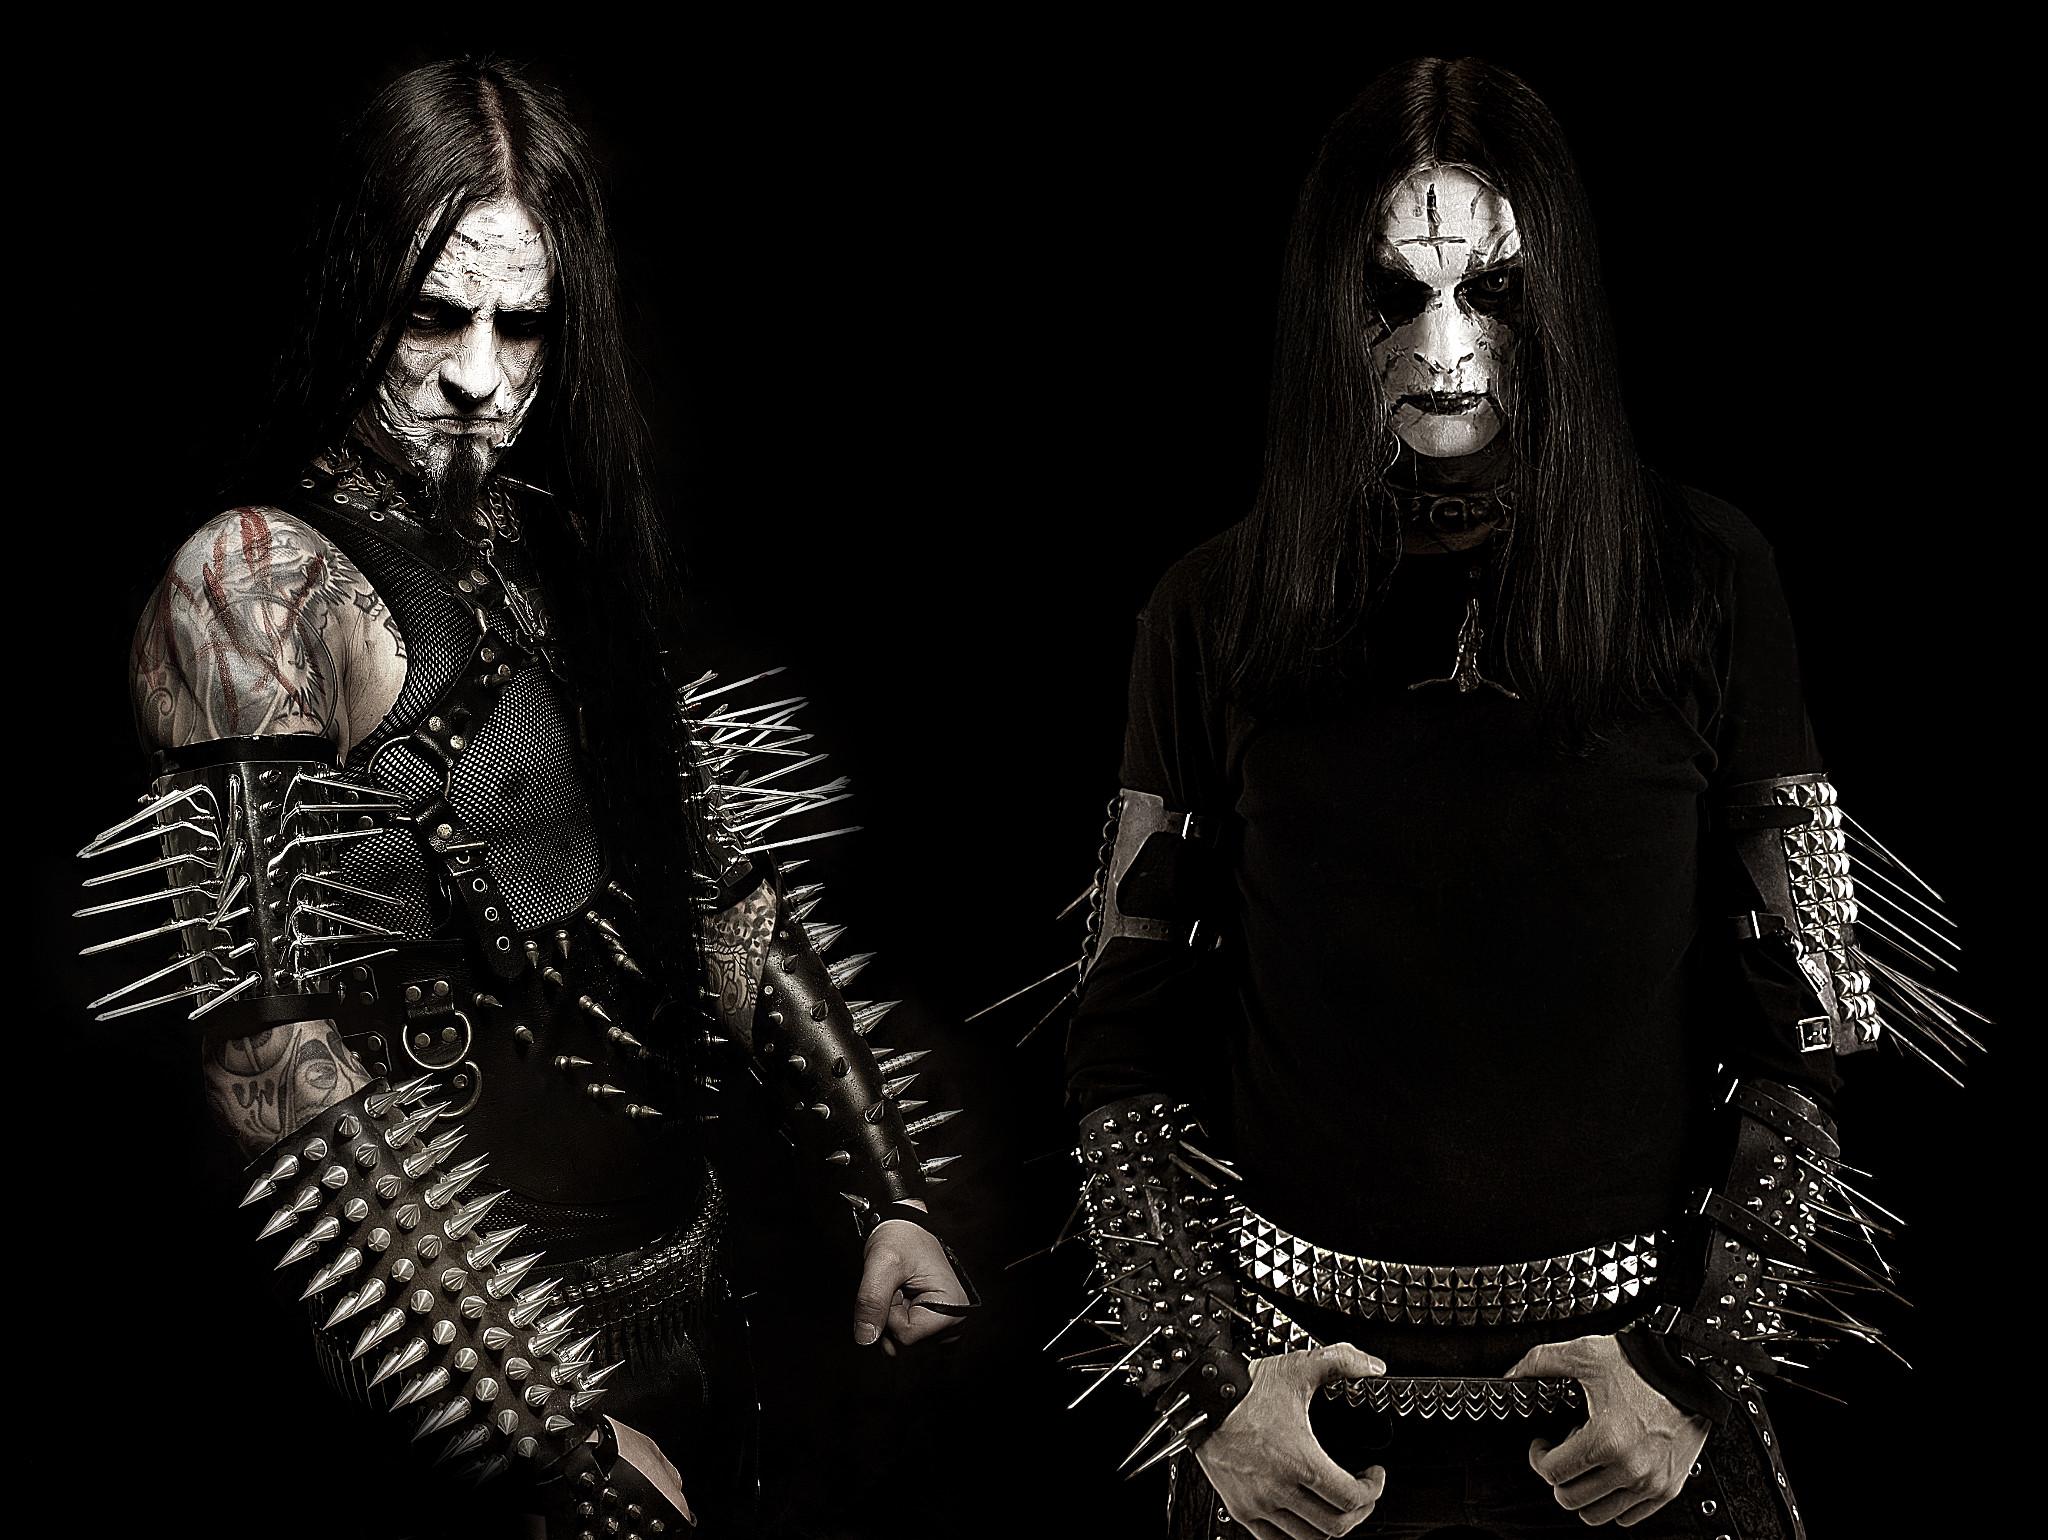 Ov Hell Black Metal Heavy Ov Hell Dark Wallpaper 2048x1540 179796 Wallpaperup